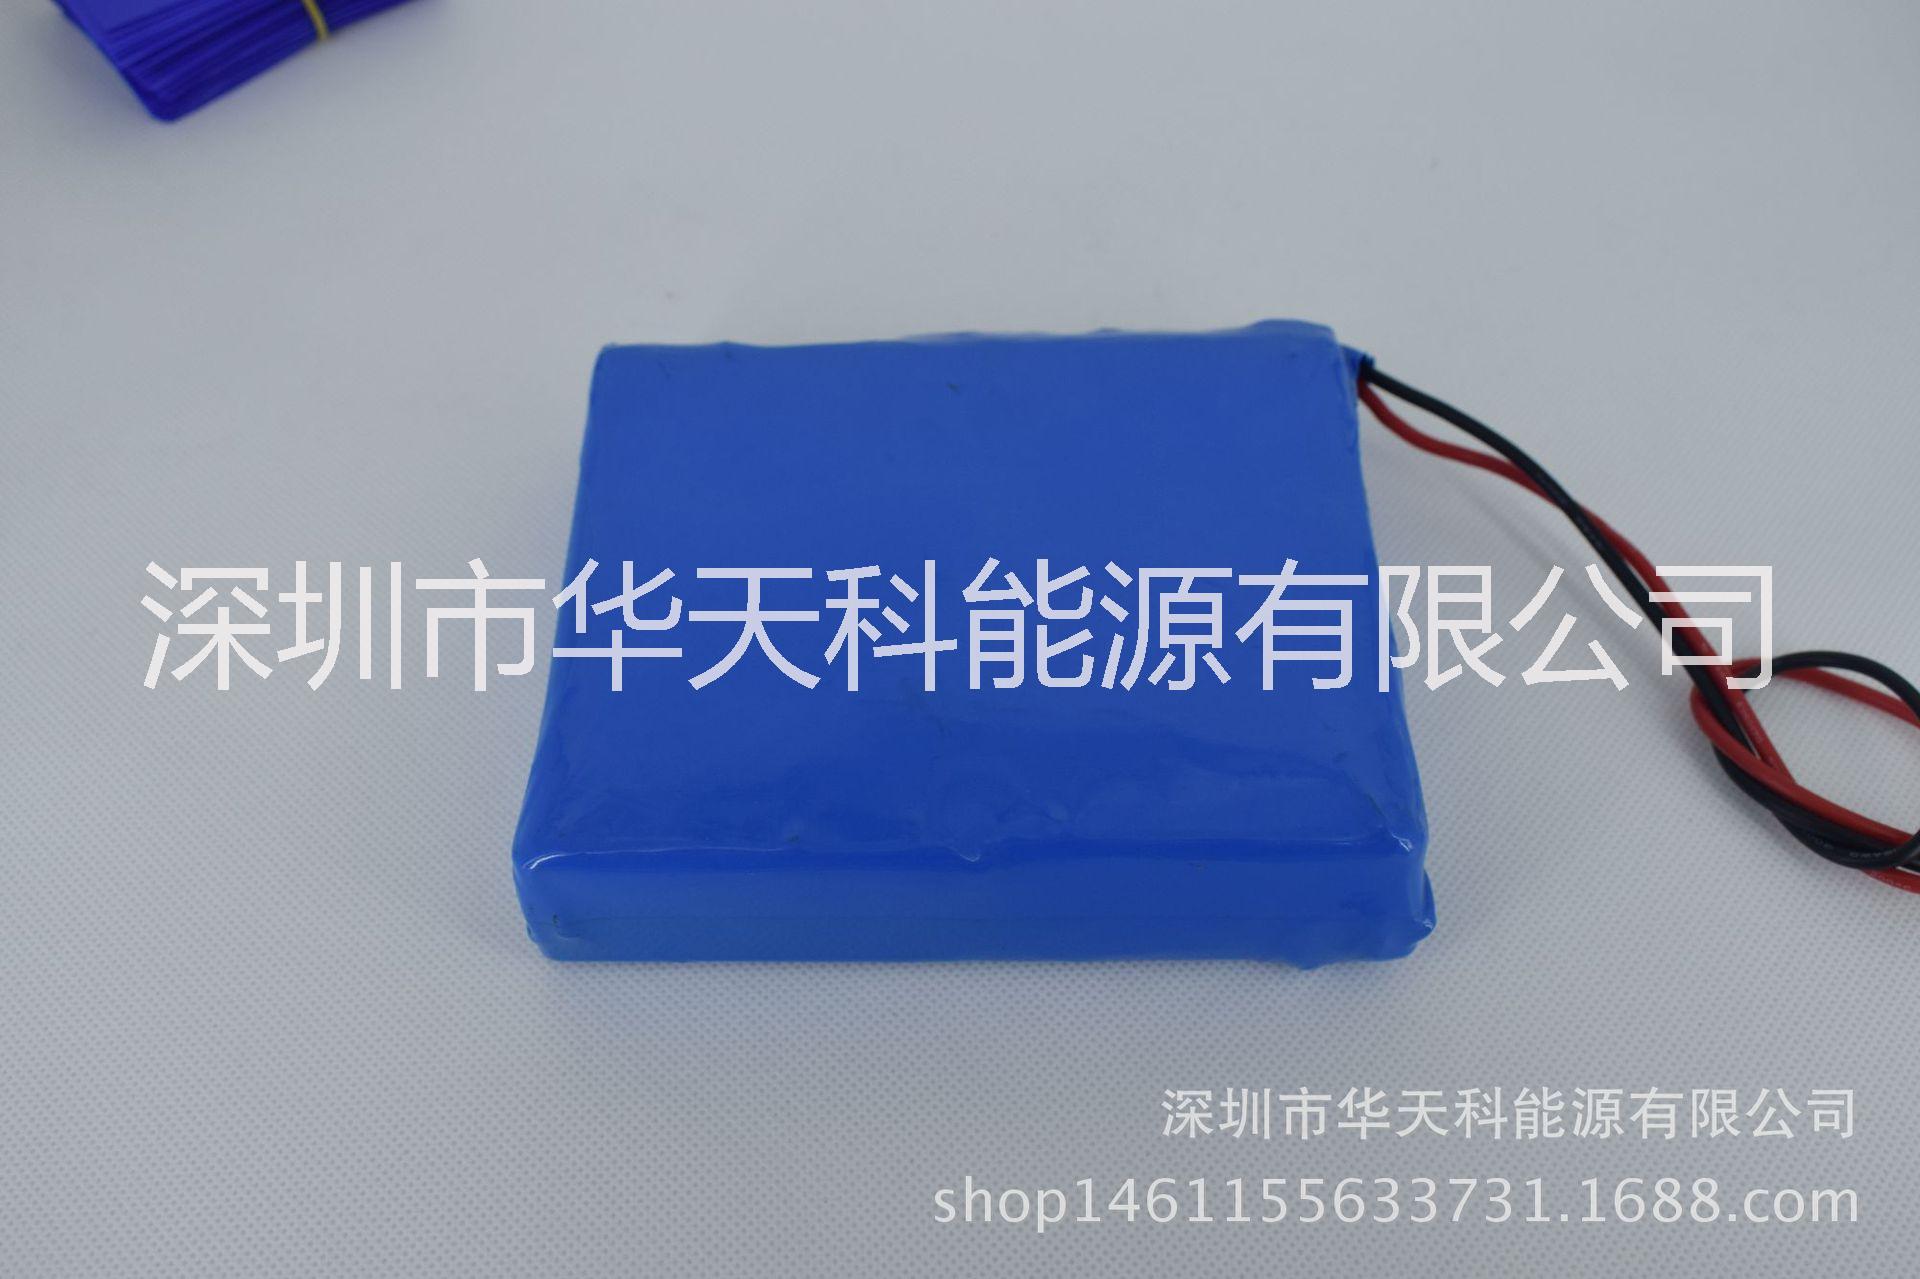 供应102738-3.7V-1050毫安聚合物锂电池,聚合物电池批发销售